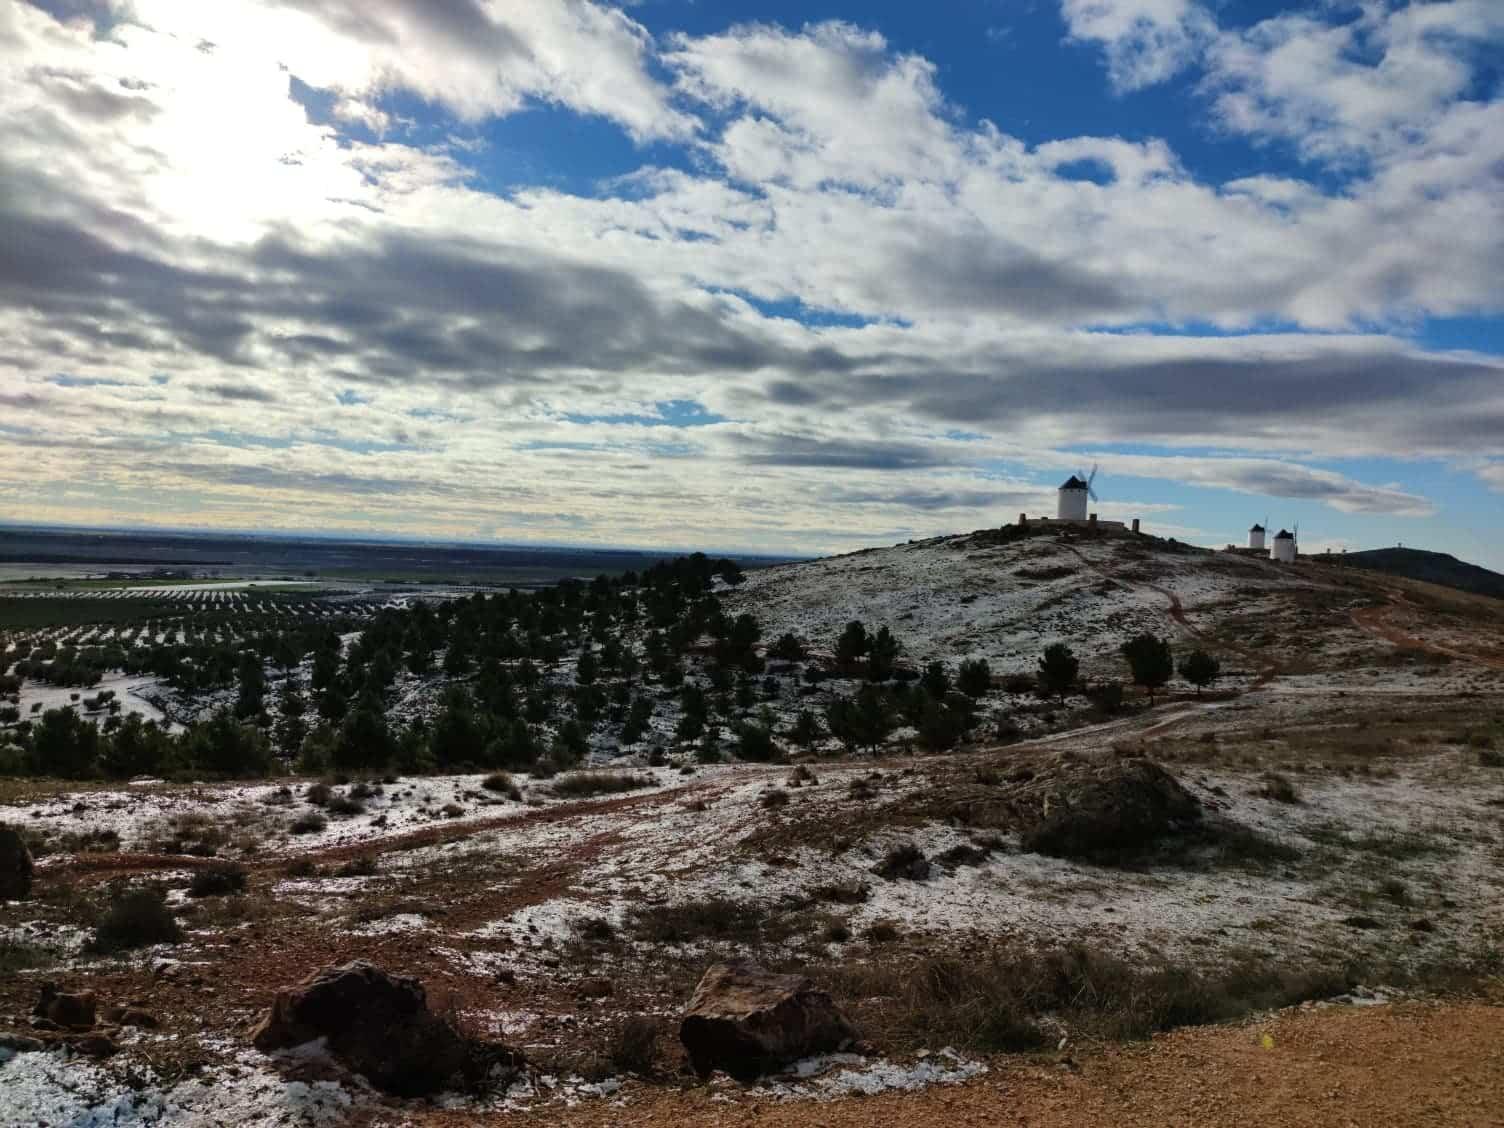 Castilla-La Mancha suspende las clases hasta el próximo lunes ante la previsión de fuertes nevadas 14